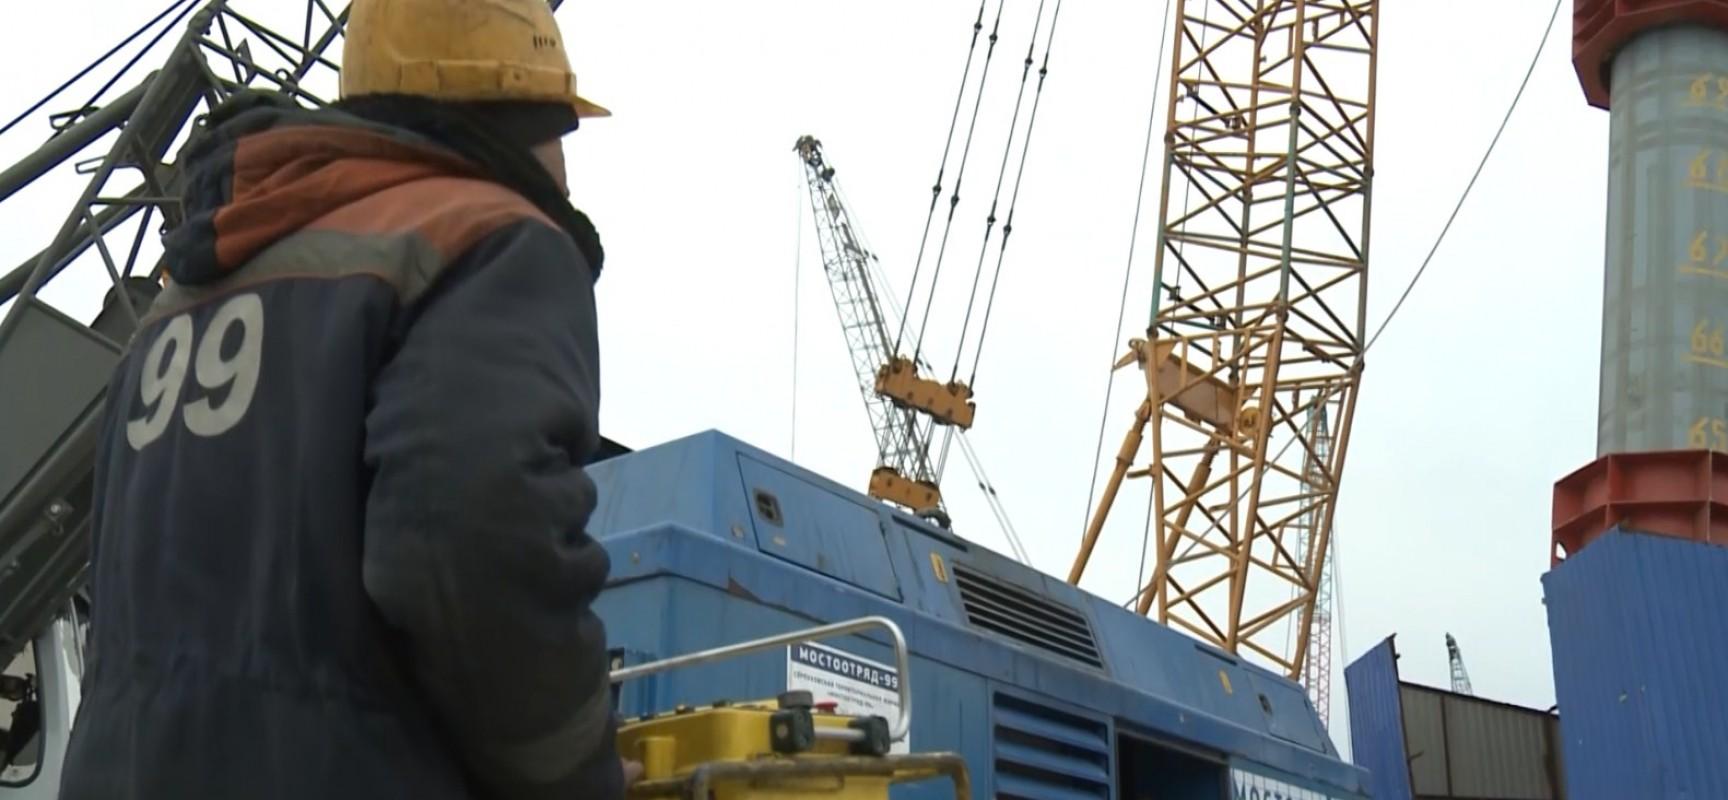 Какие компании принимают участие в строительстве моста через Керченский пролив?